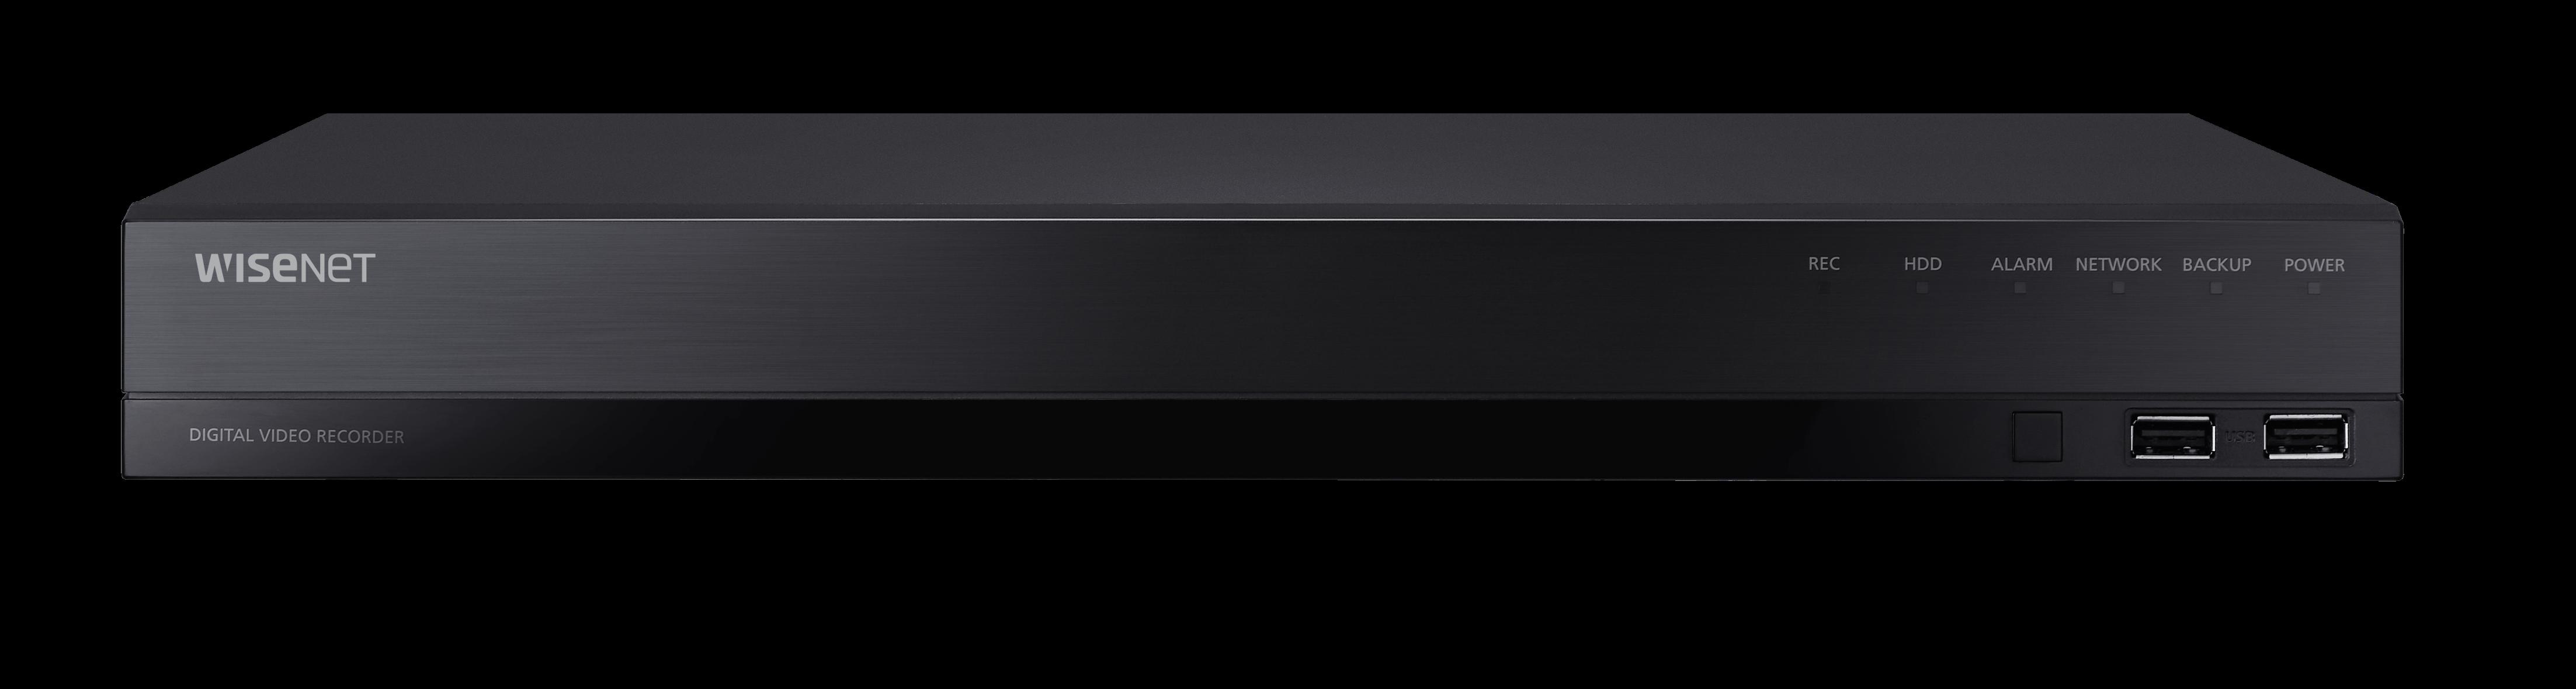 Samsung HRX 820 (2)